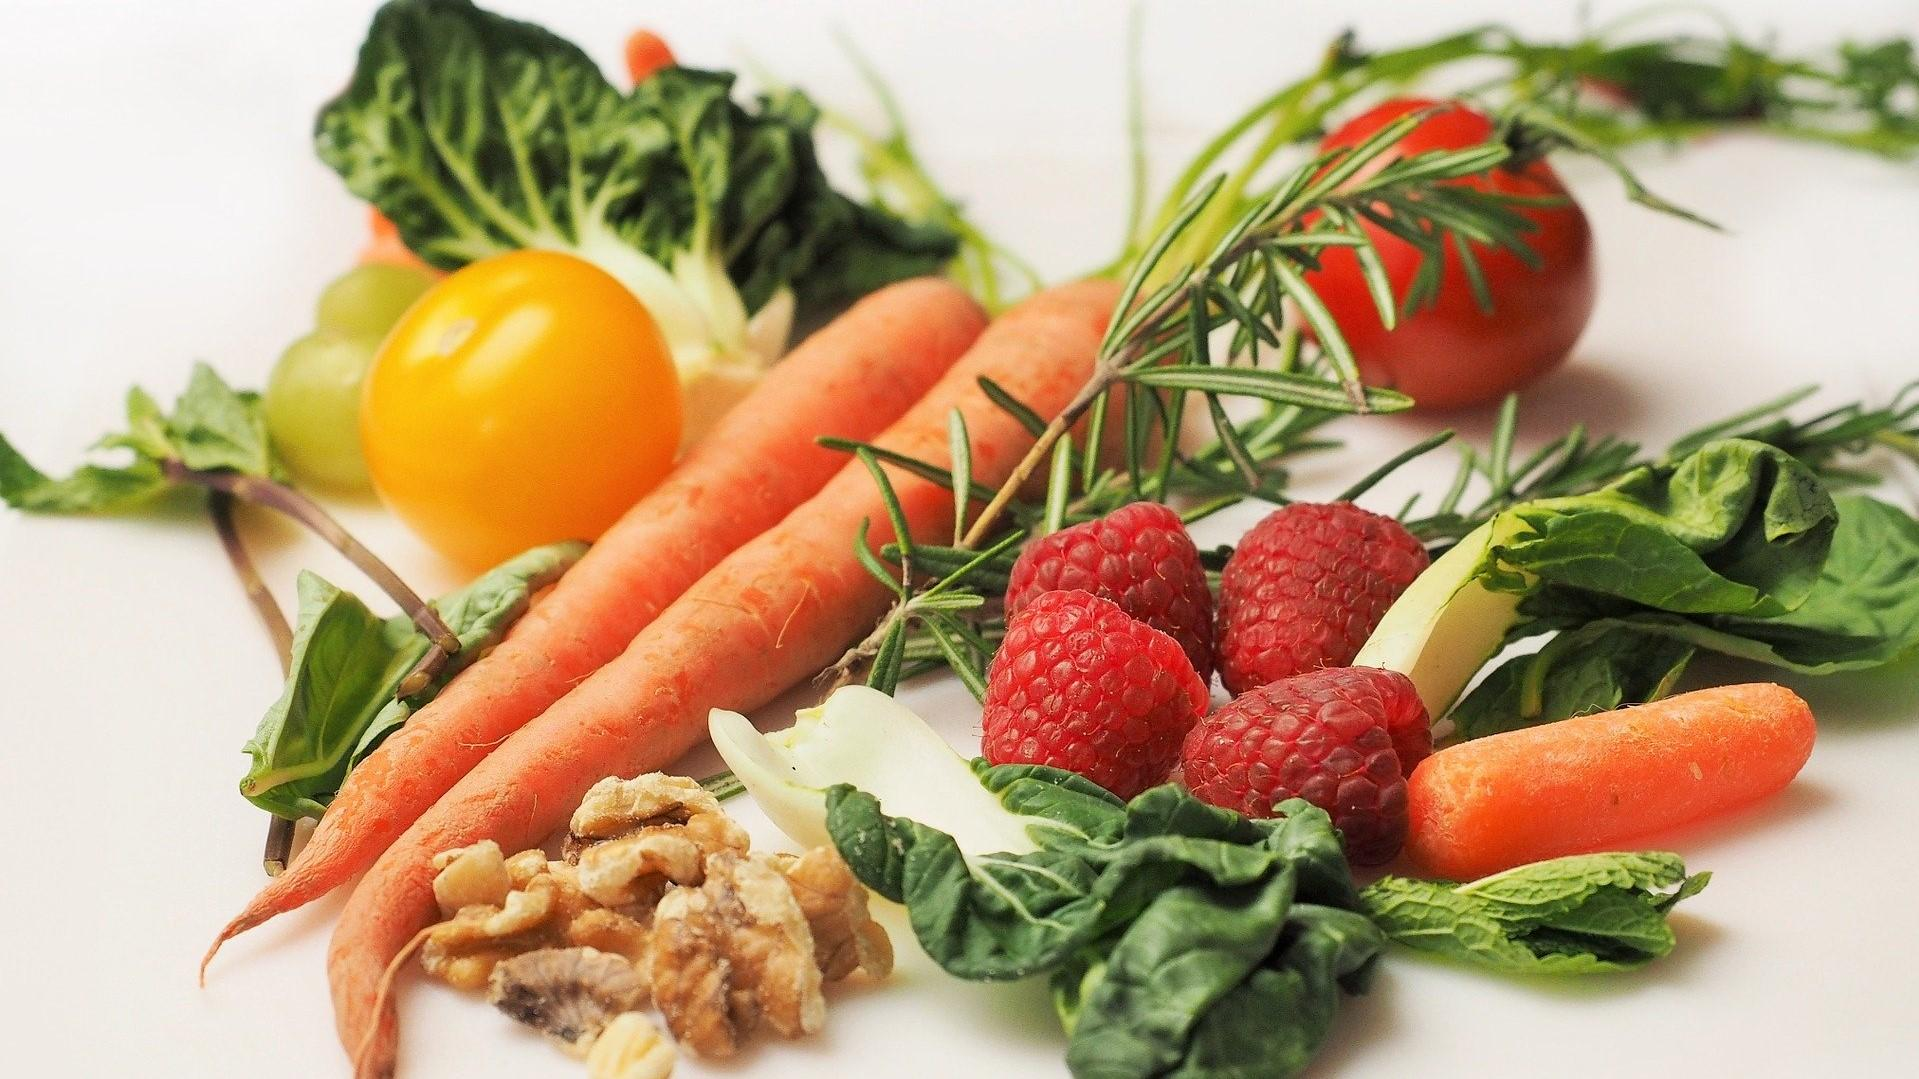 Der Nachhaltigkeit zuliebe sollte Ihre Ernährung vor allem aus Lebensmitteln pflanzlichen Ursprungs bestehen